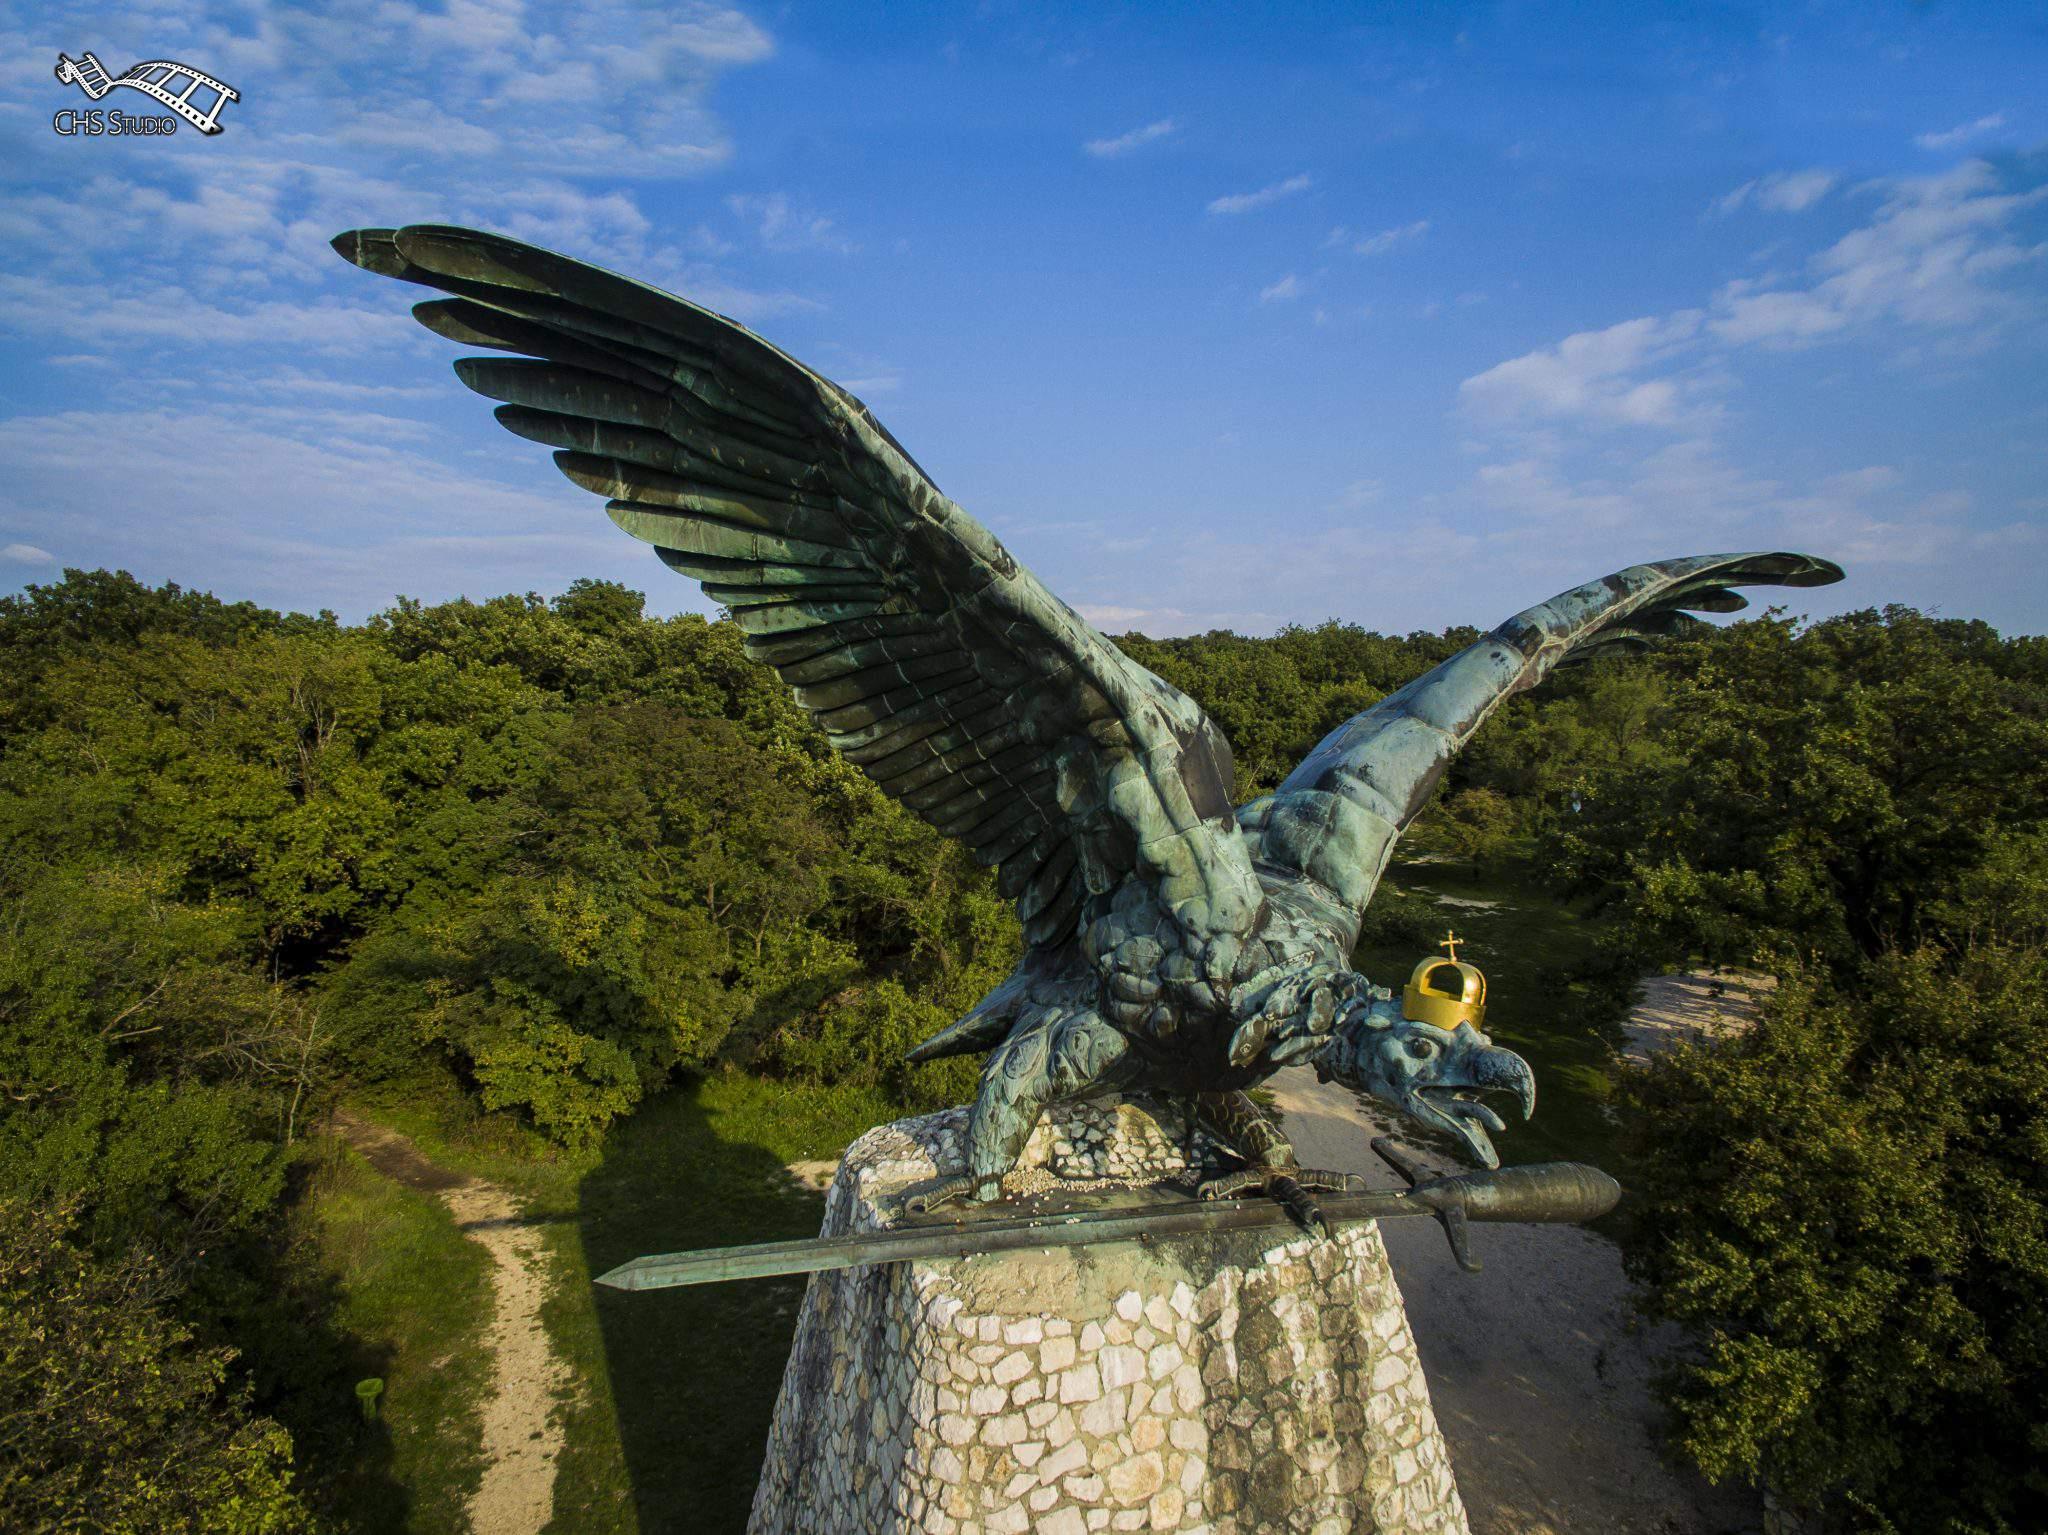 Tatabánya turul bird statue hawk eagle